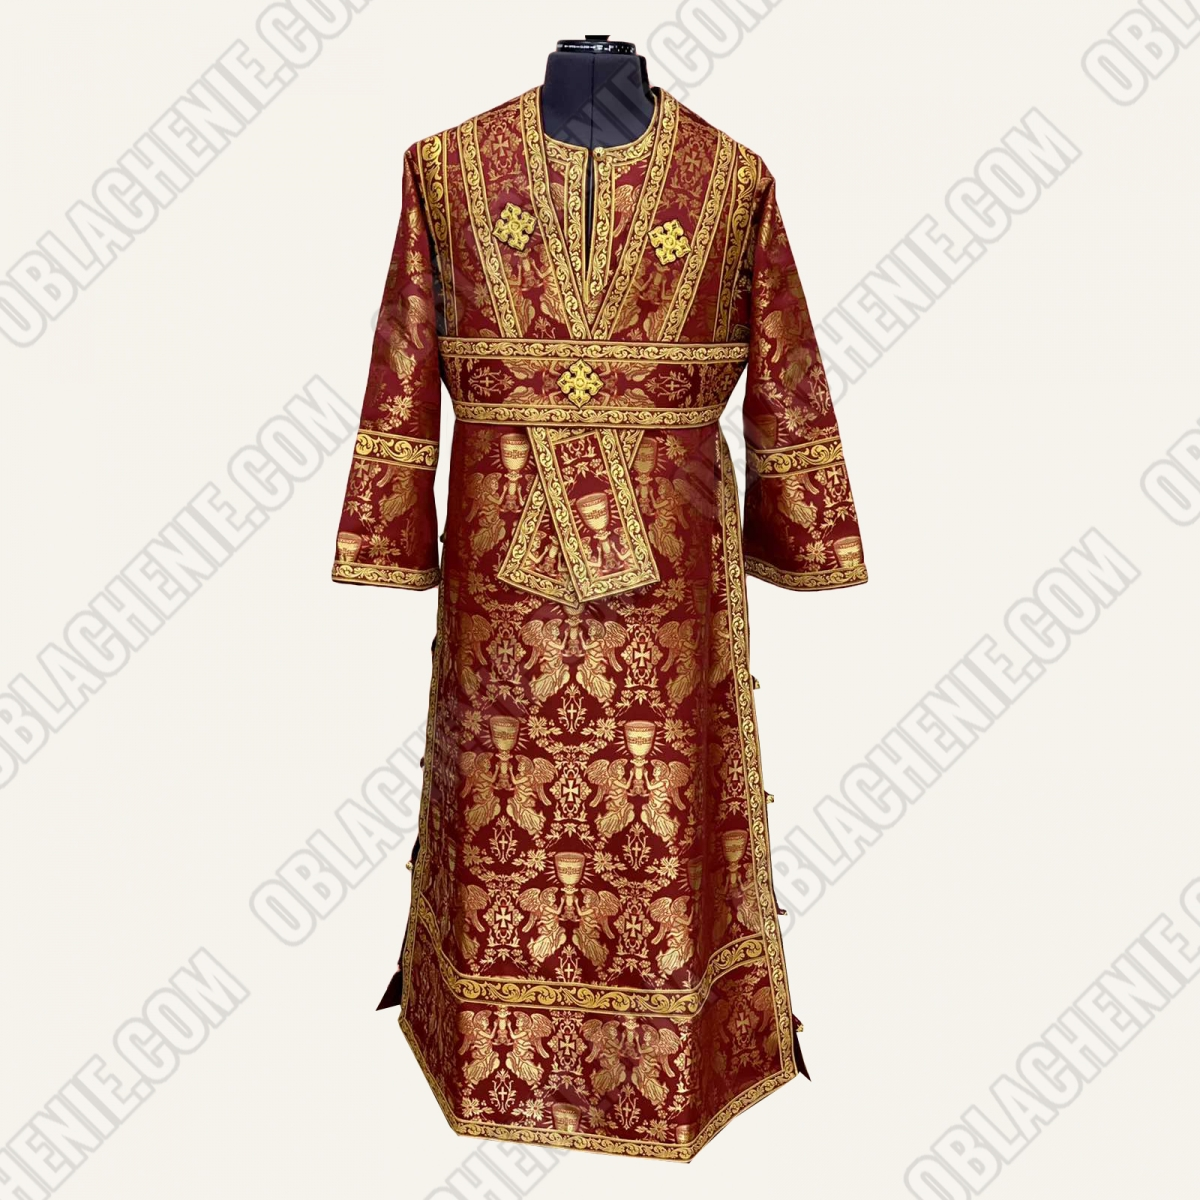 Subdeacon's vestments 11609